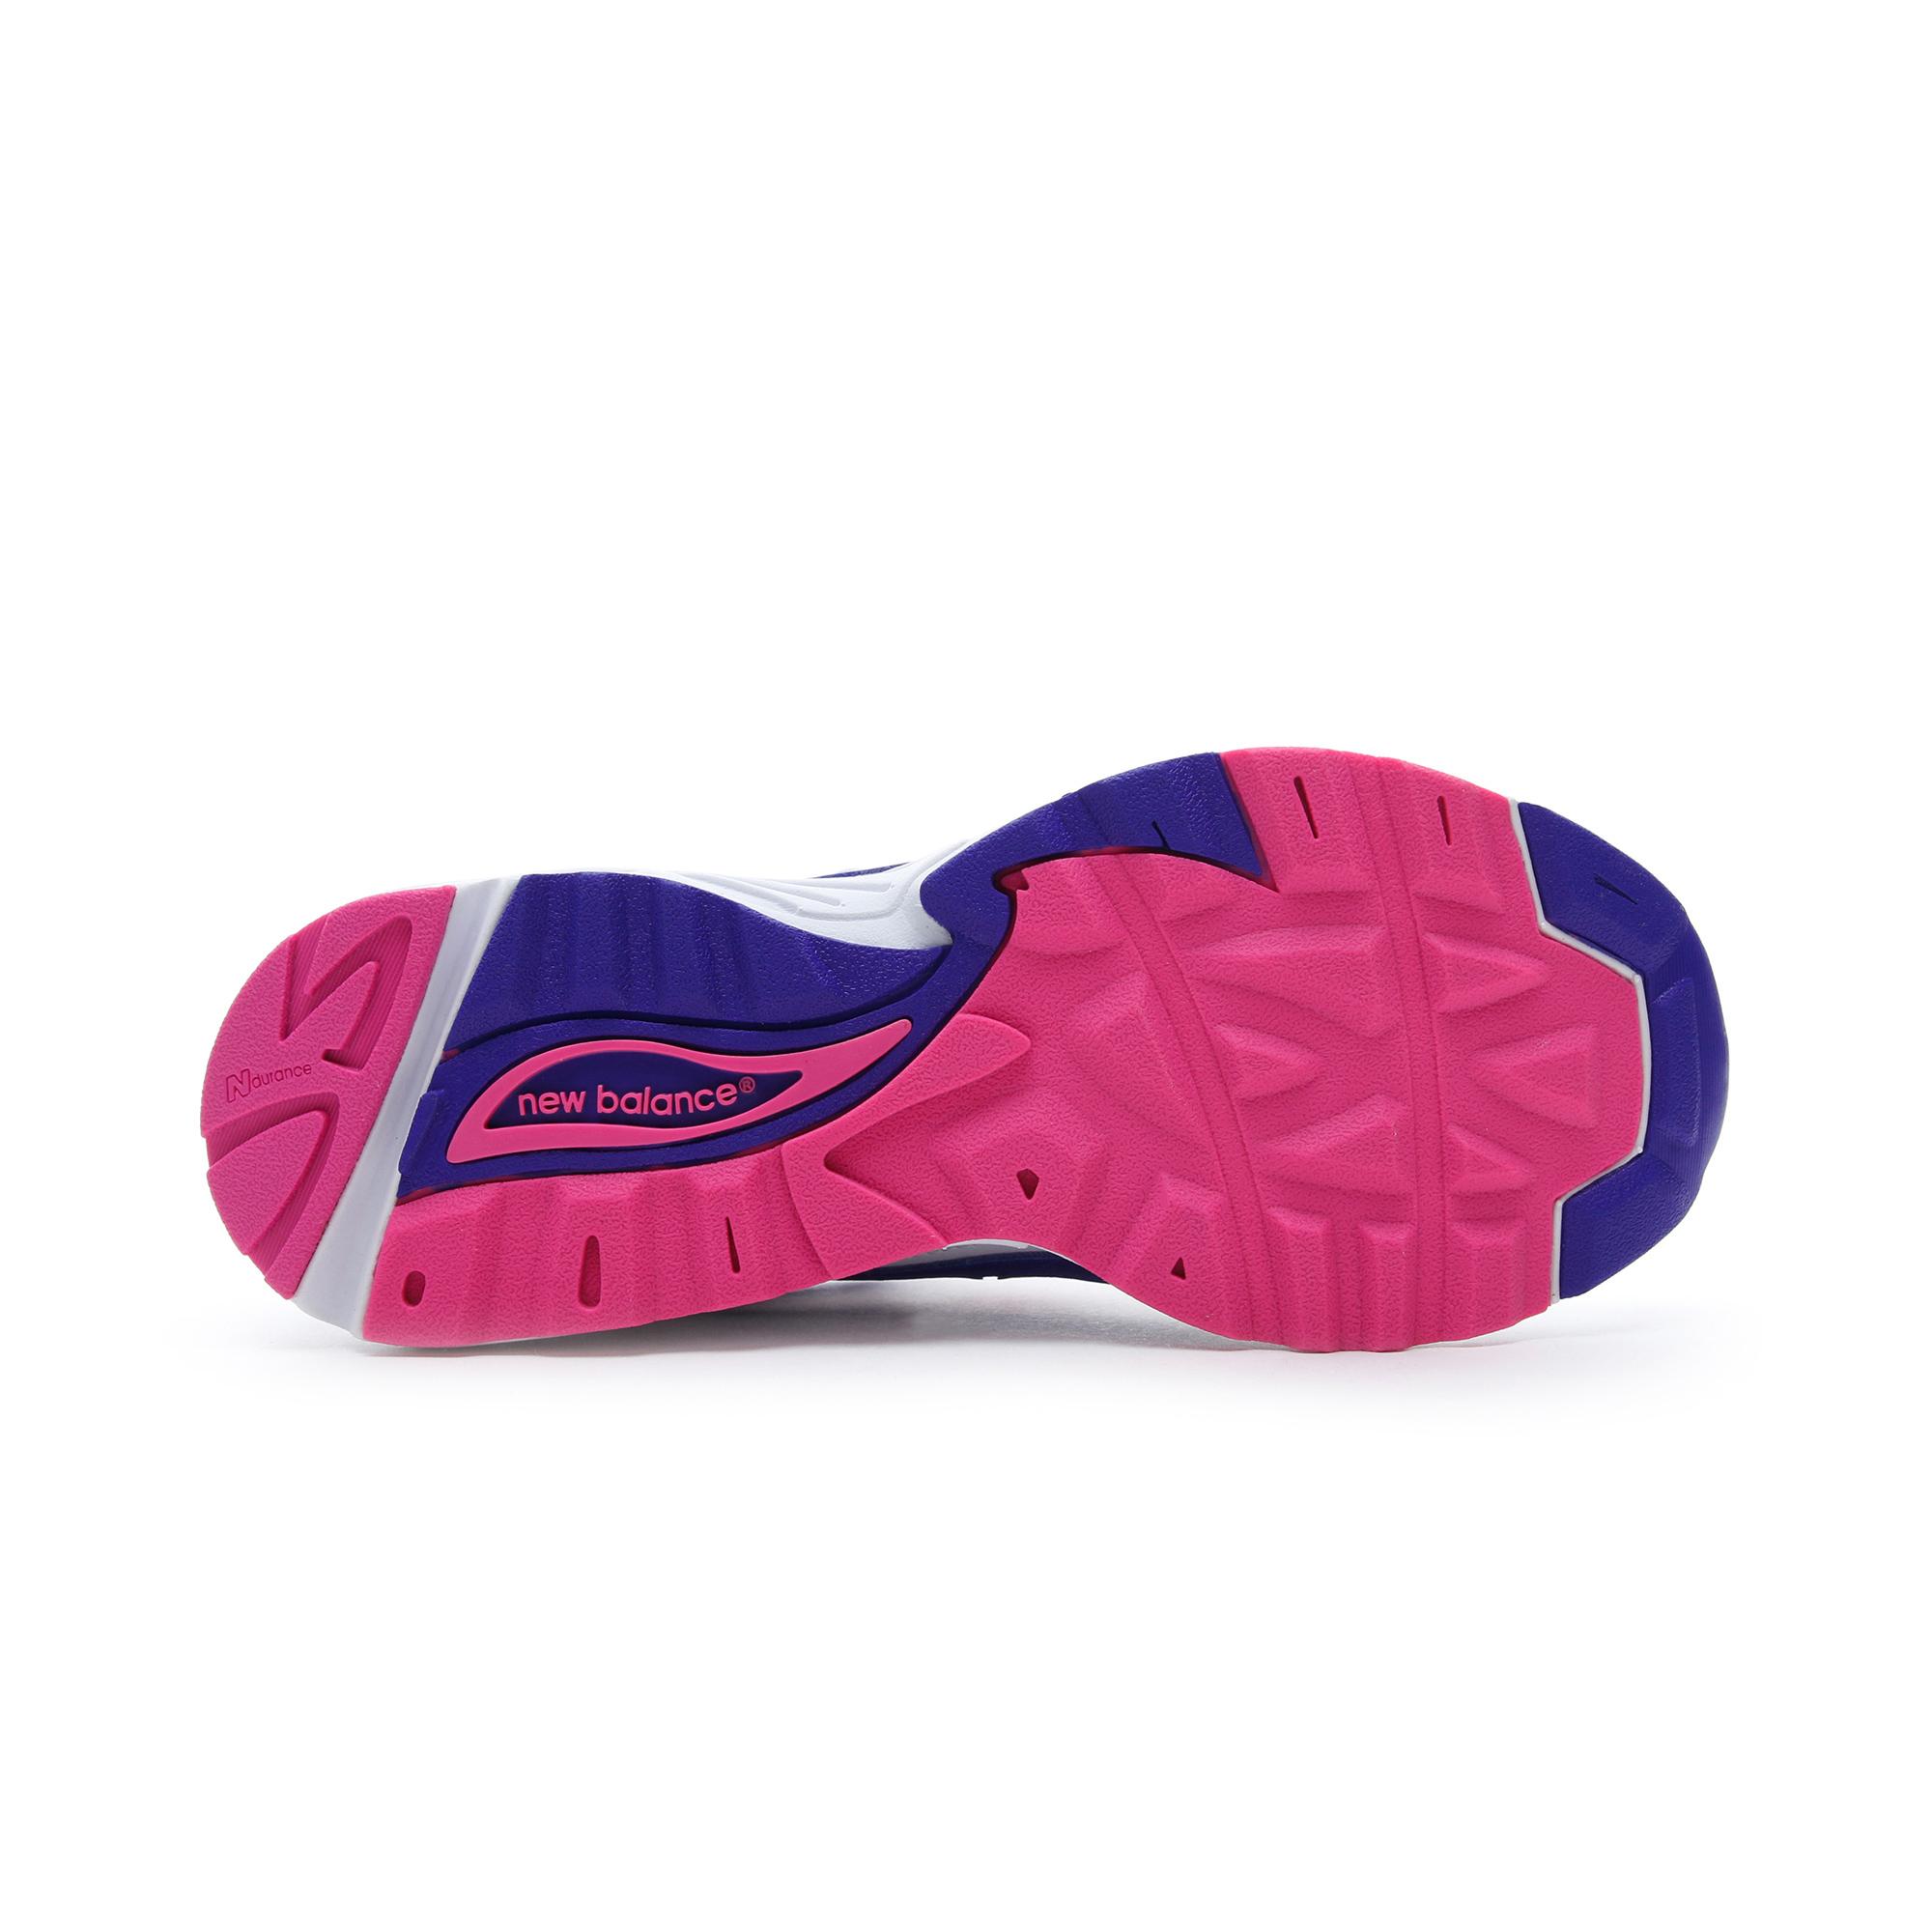 New Balance 878 Kadın Beyaz Spor Ayakkabı